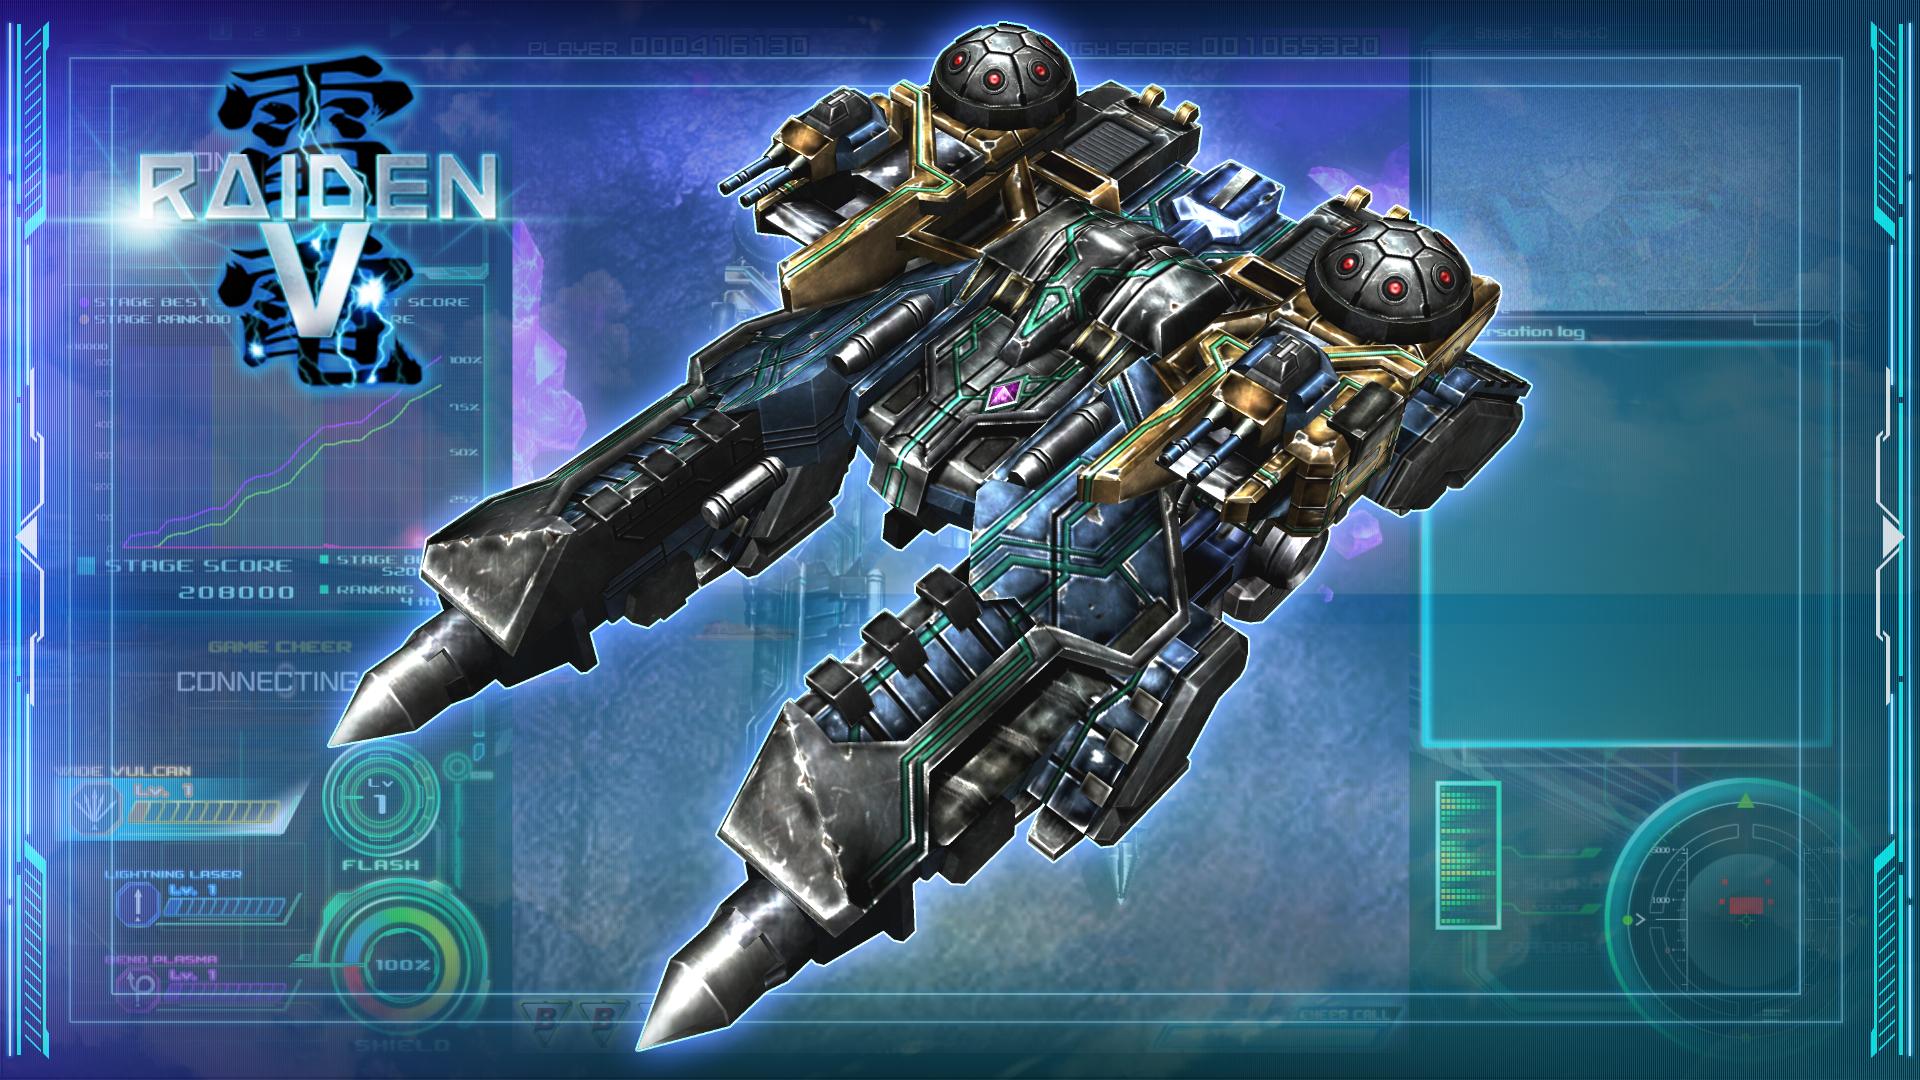 オペレーション2 ステージ2ボス撃破 achievement for Raiden V on Xbox One